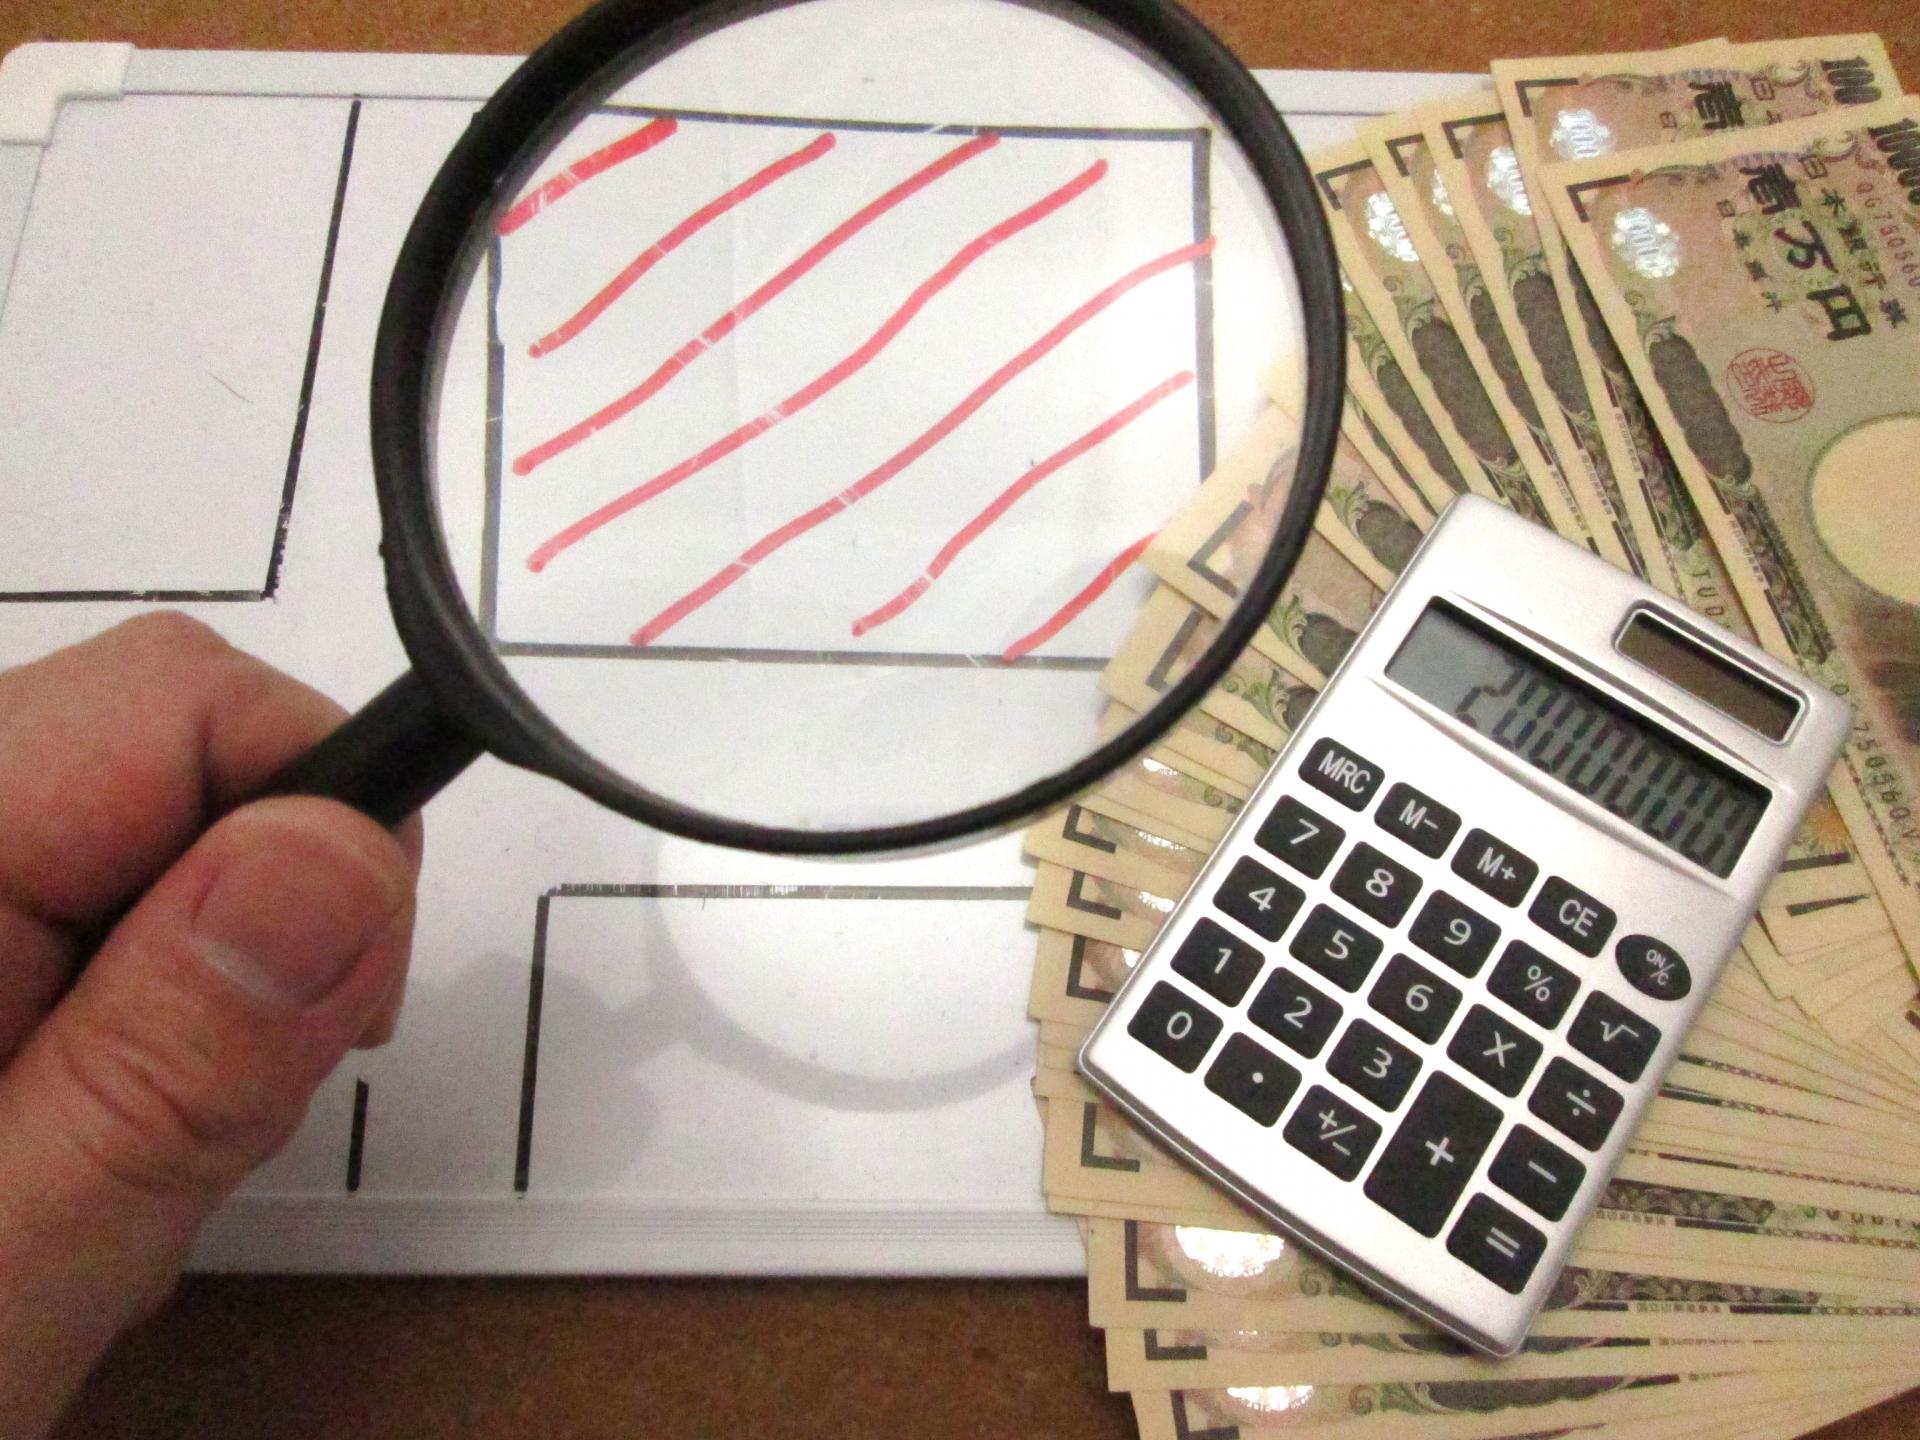 創業融資で担保と保証